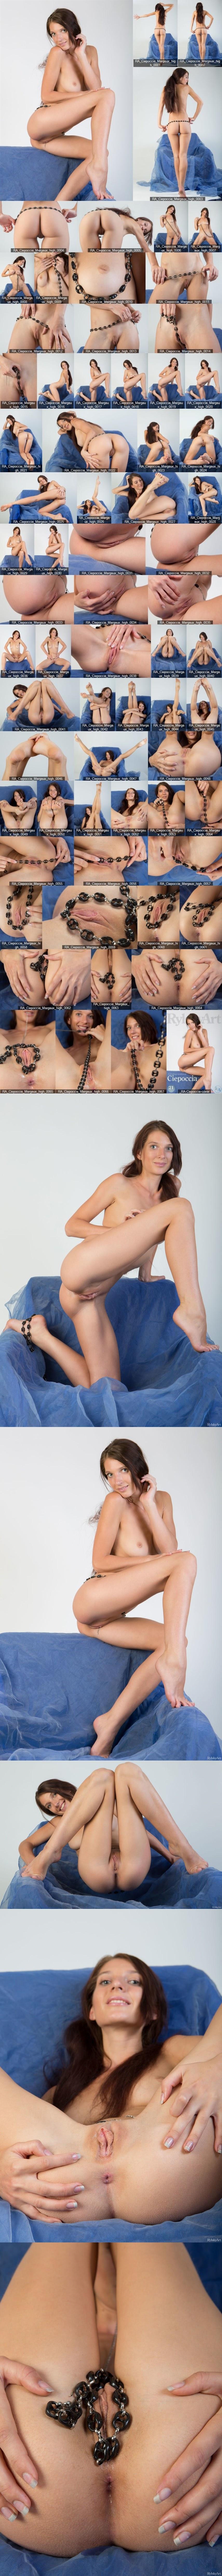 rylskyart  2014-06-03 margaux - ciepoccia  x67  3744x5616 sexy girls image jav